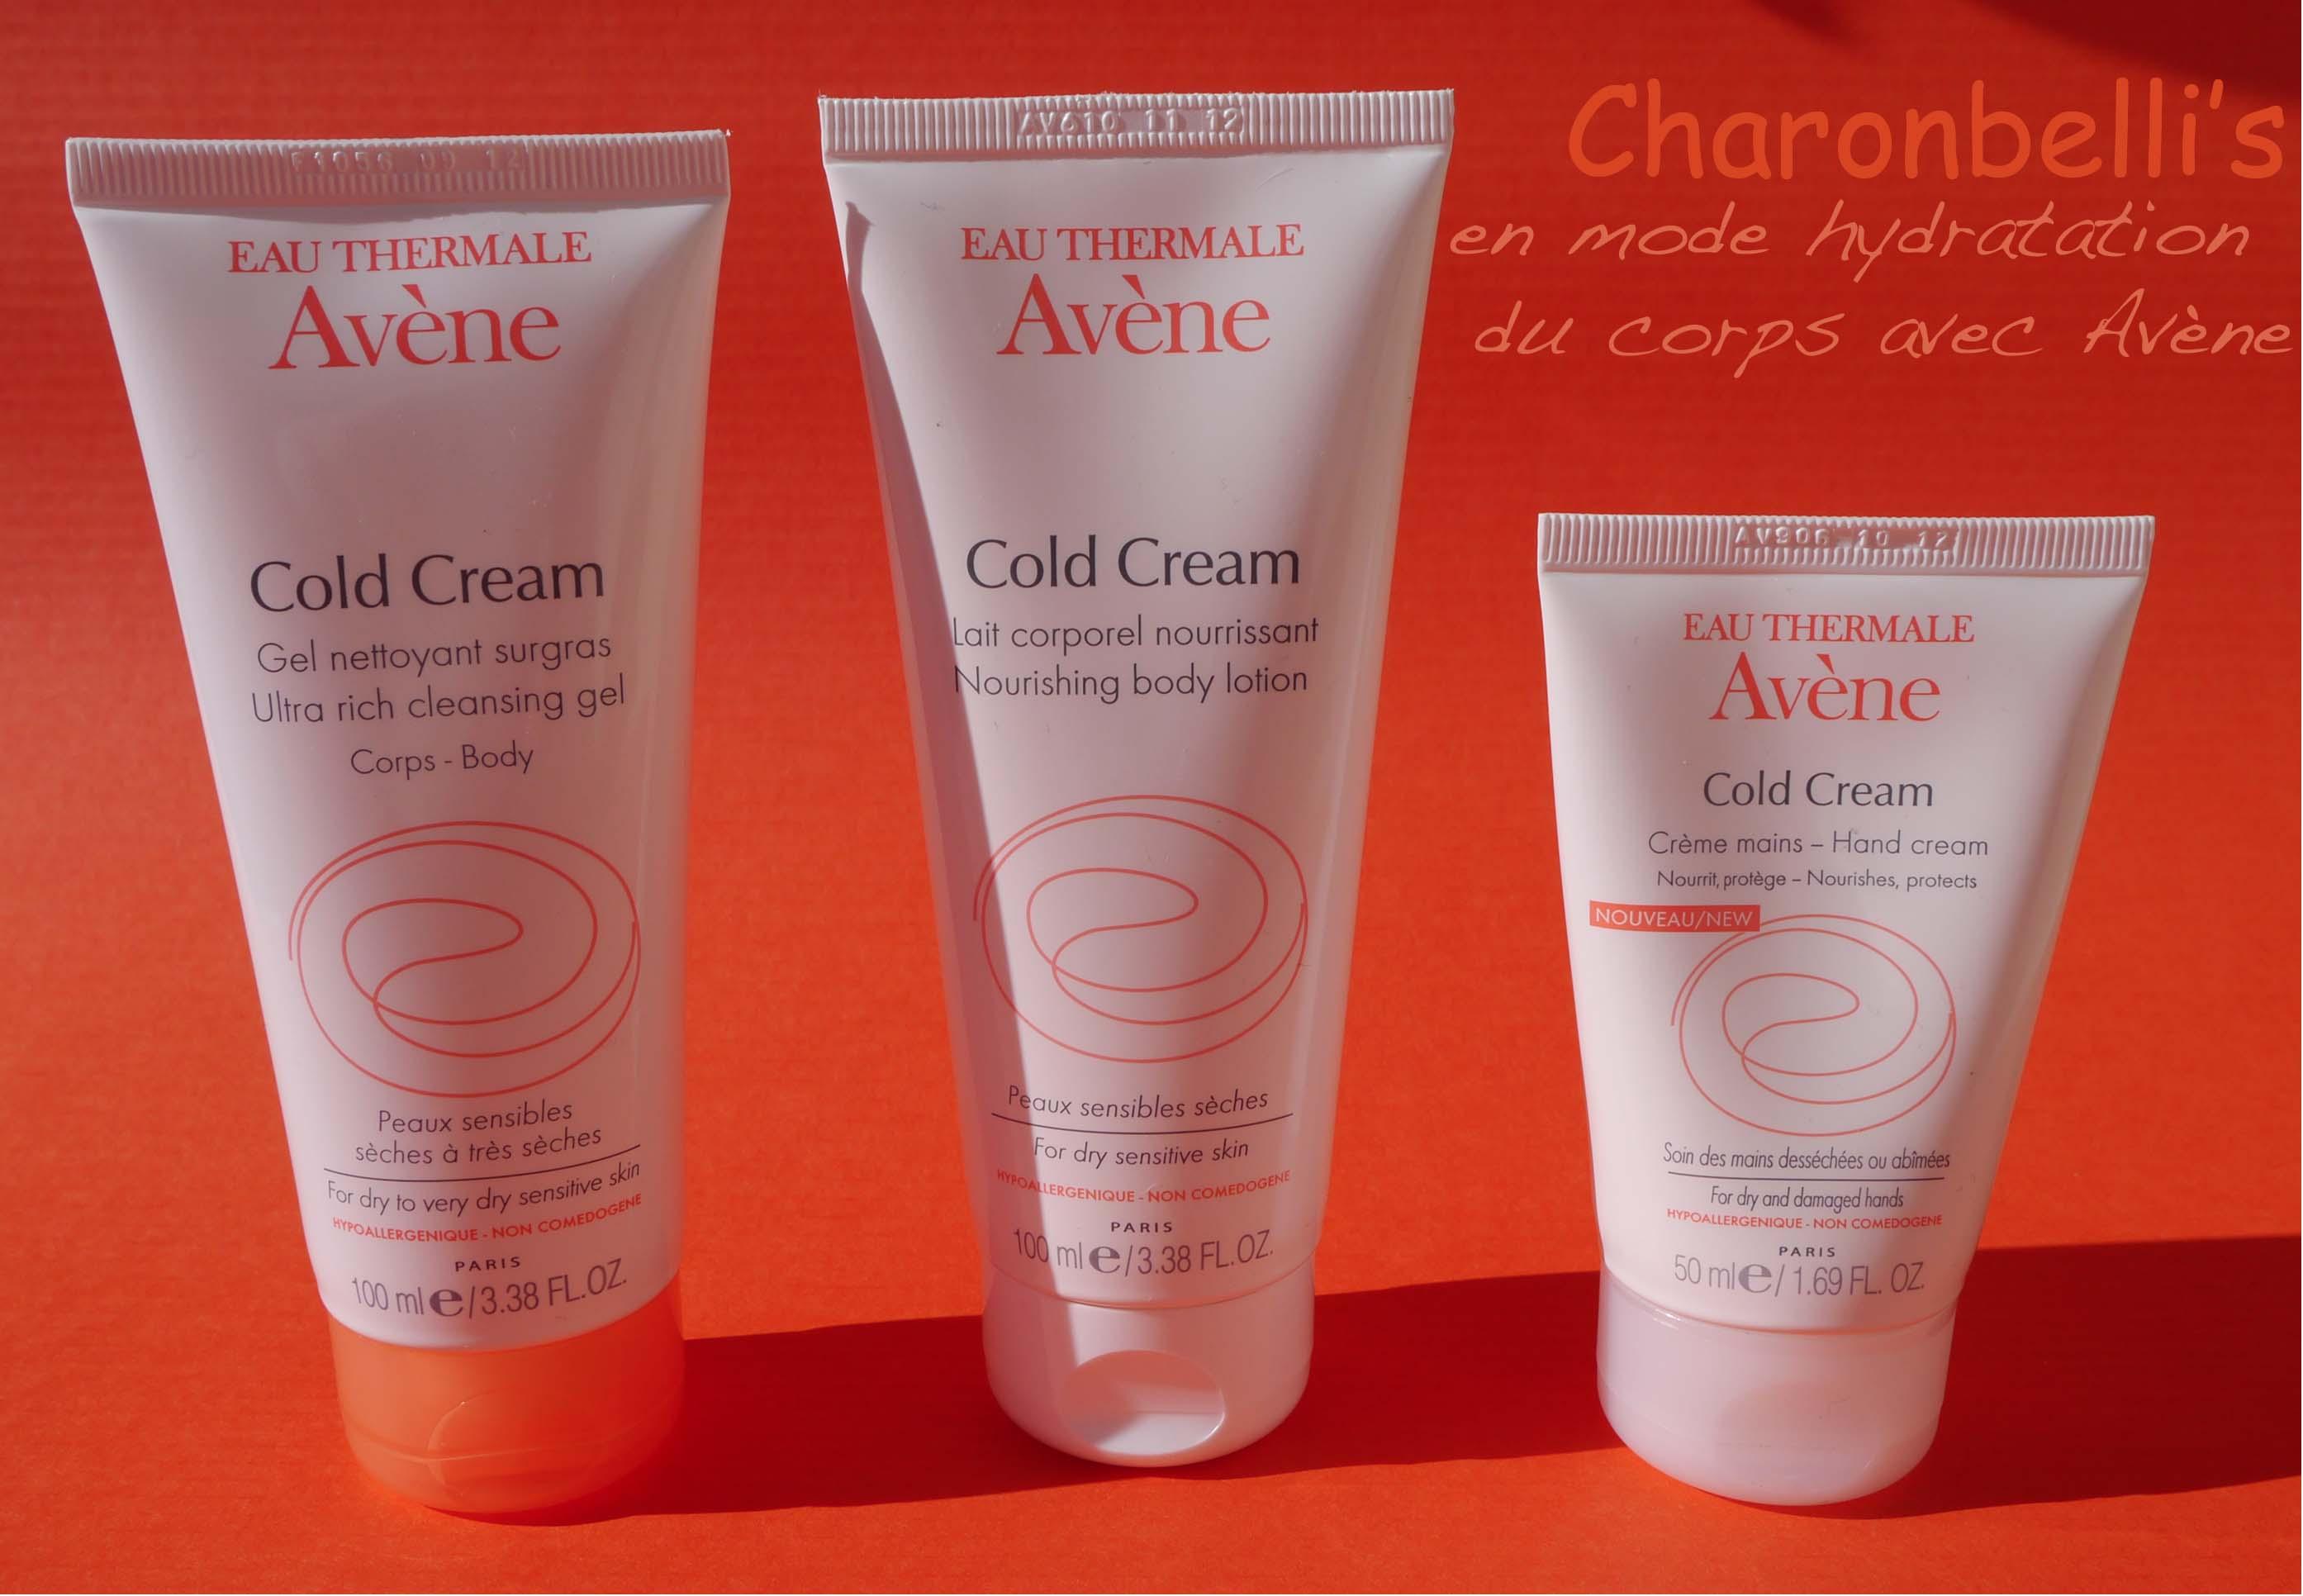 L'invasion Avène dans ma salle de bain (4) - Charonbelli's blog beauté